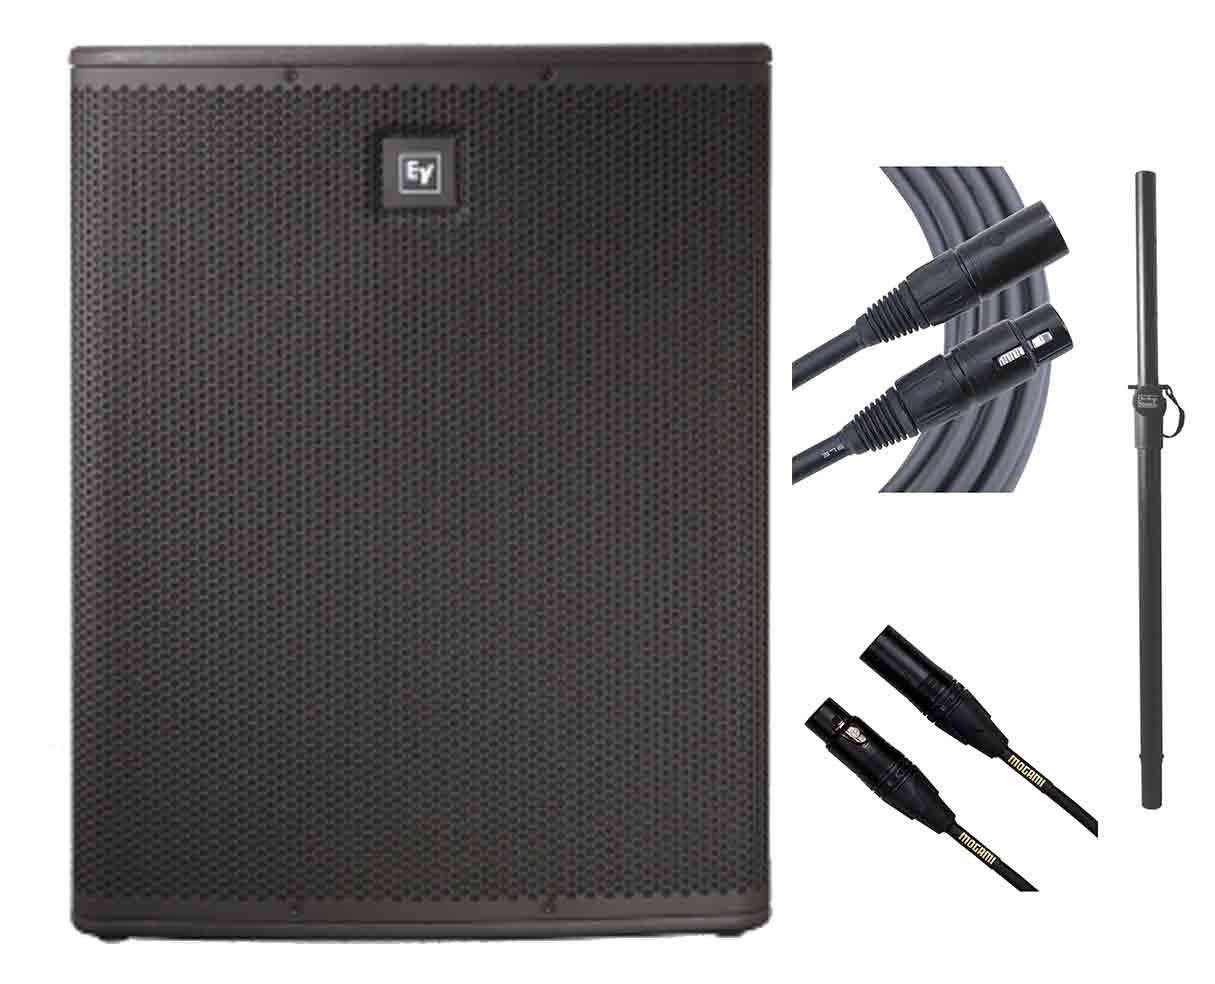 Electro-Voice ELX118P + Mogami Cables + Pole